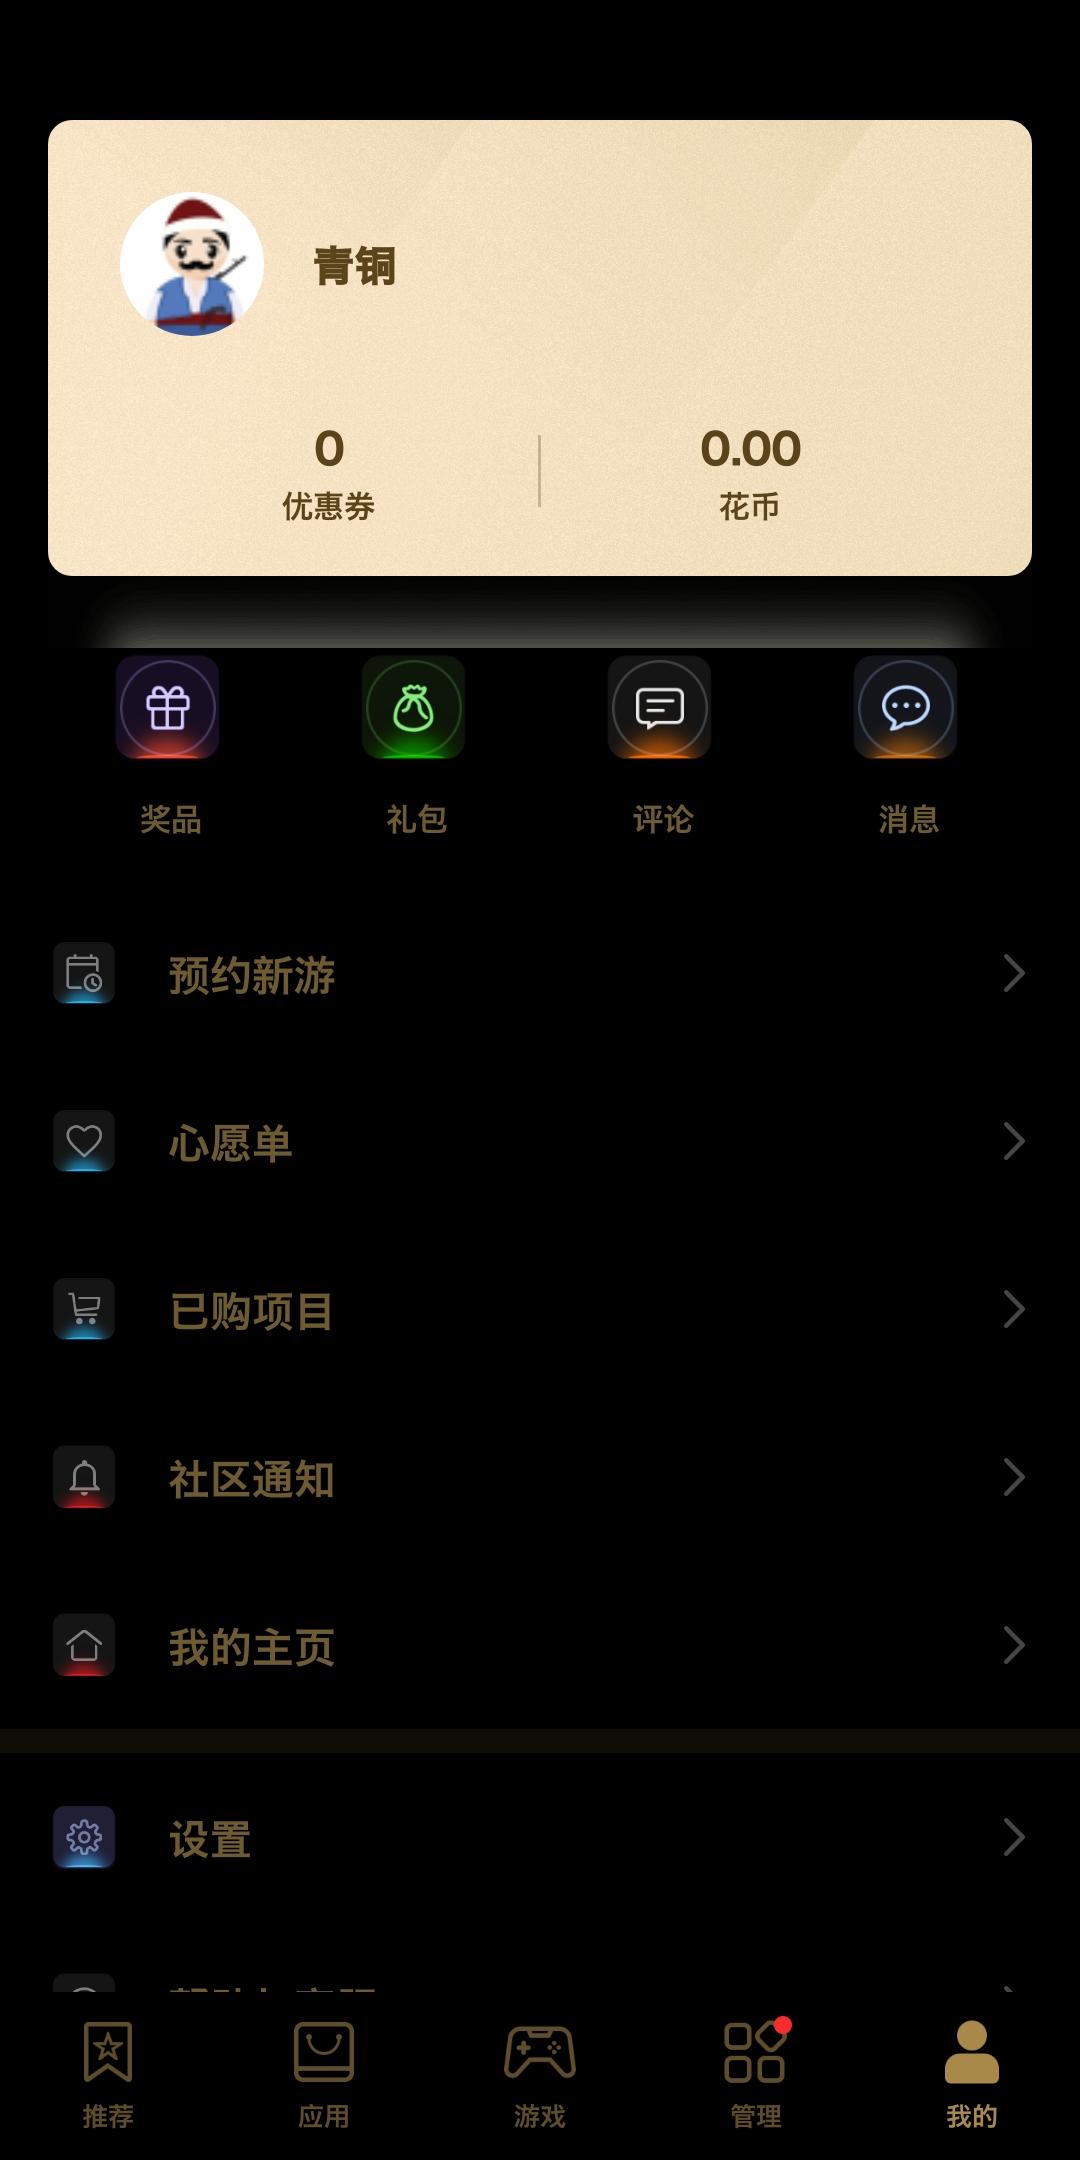 Screenshot_20190928_145535_com.huawei.appmarket.jpg